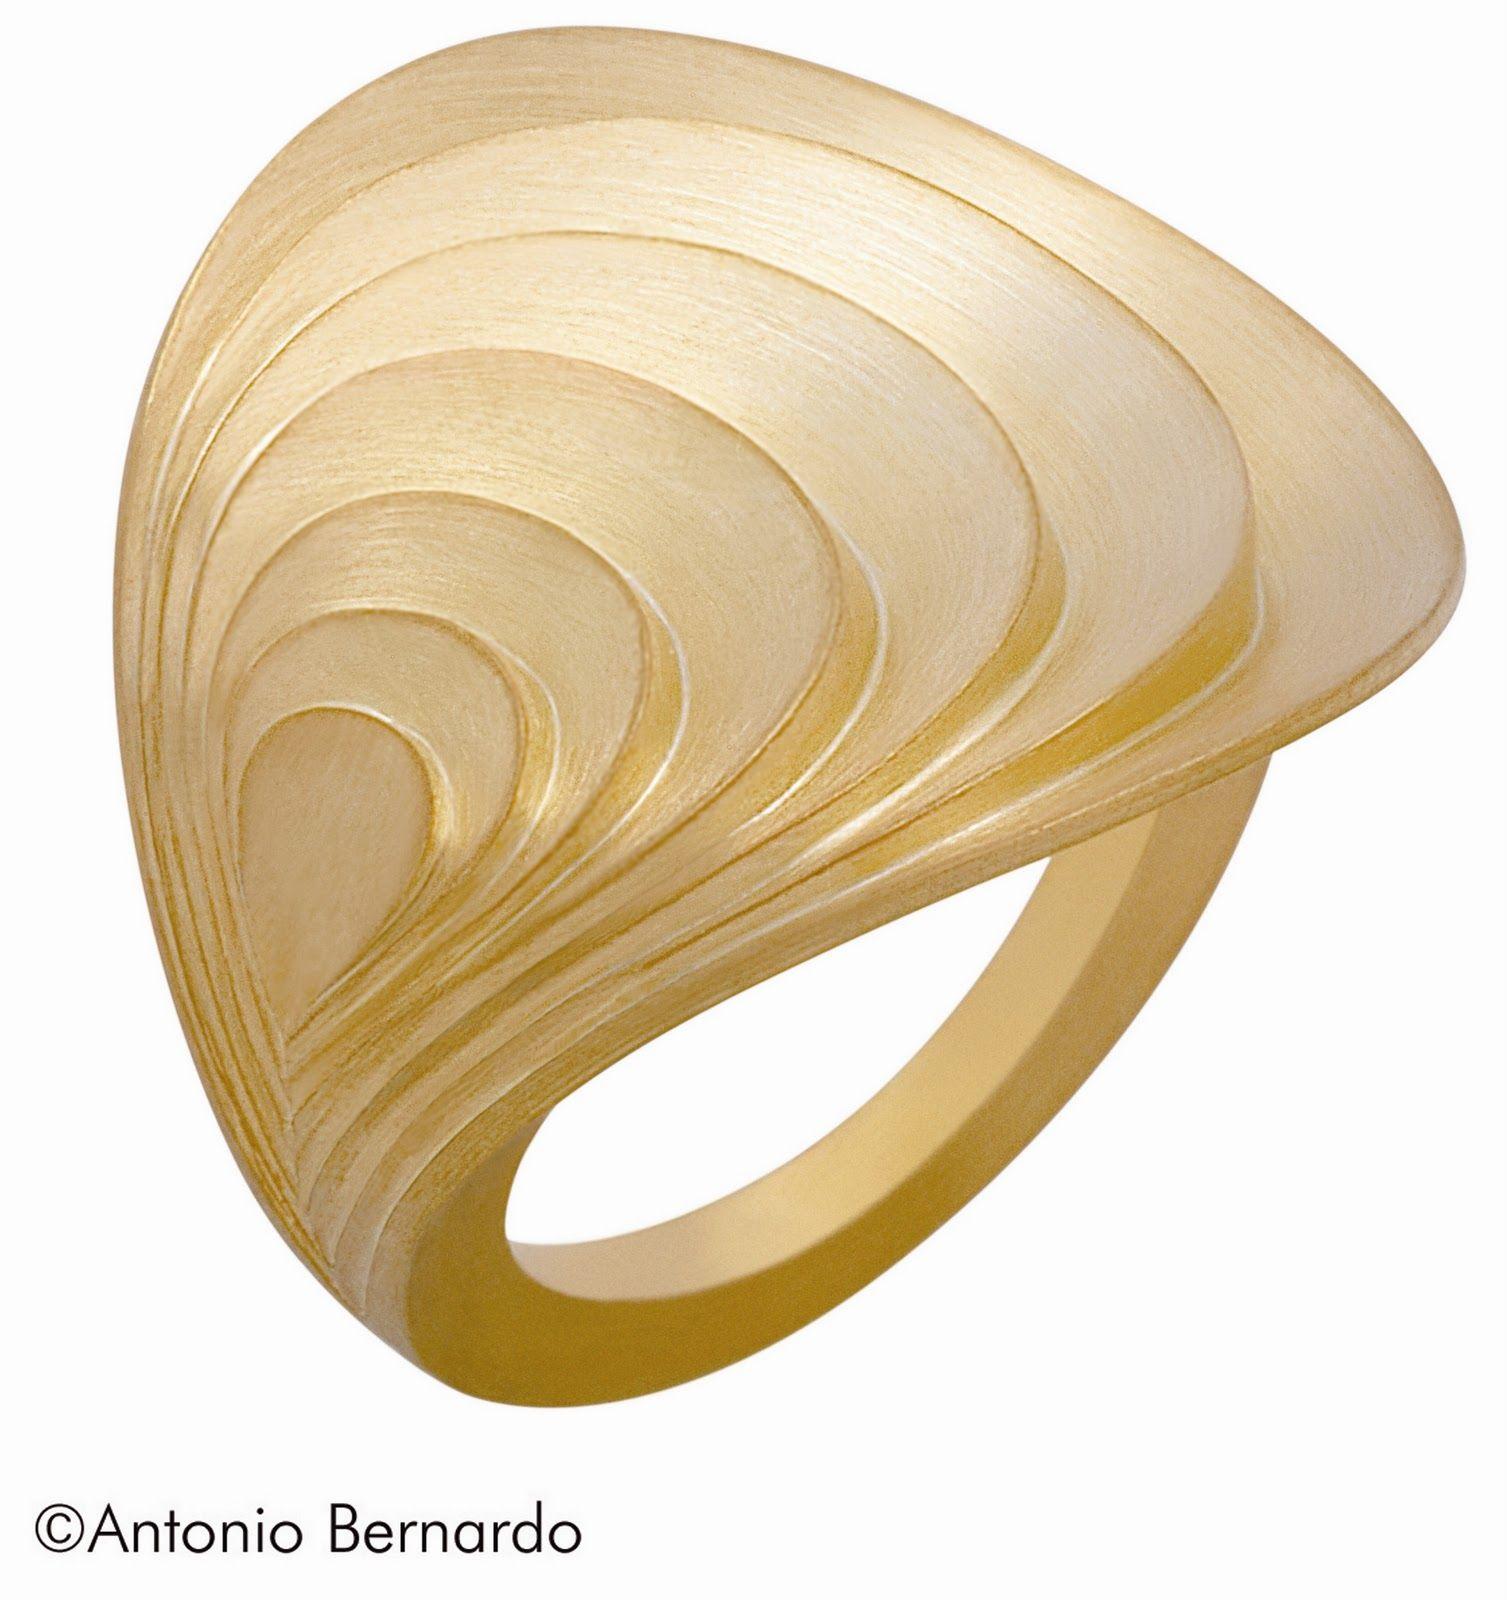 Antônio Bernardo